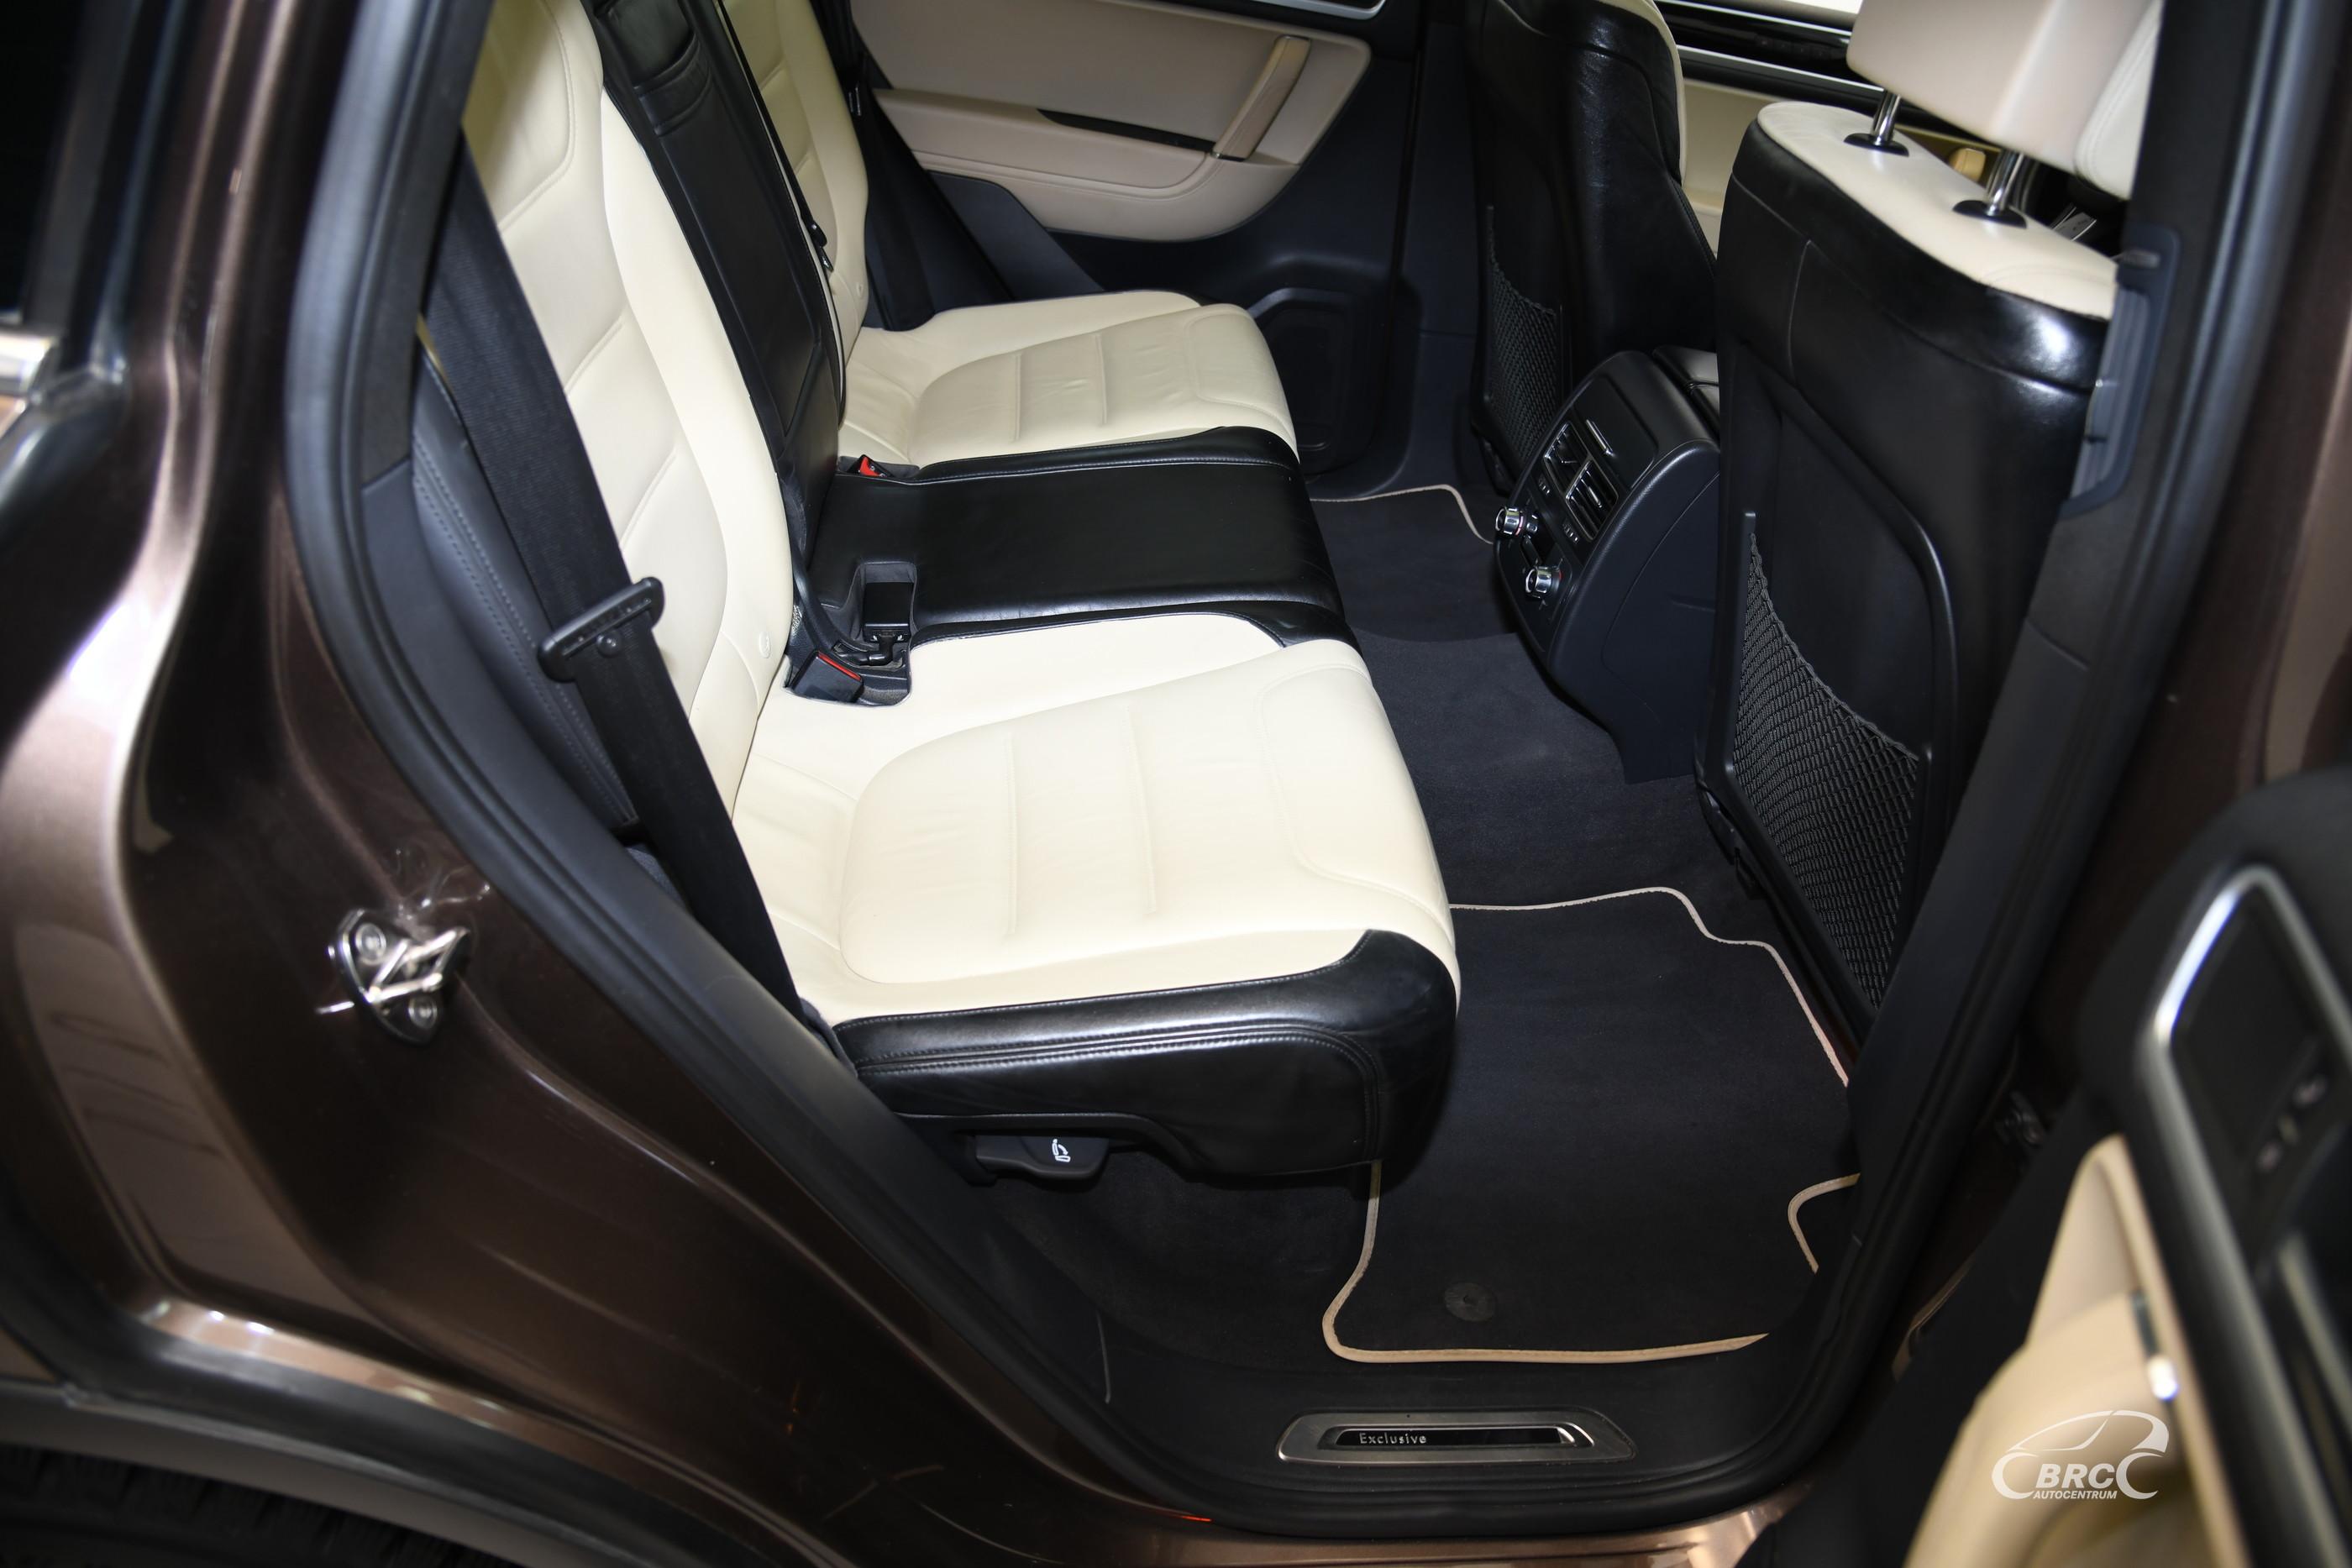 Volkswagen Touareg 3.0 TDI V6 4Motion Exclusive Automatas